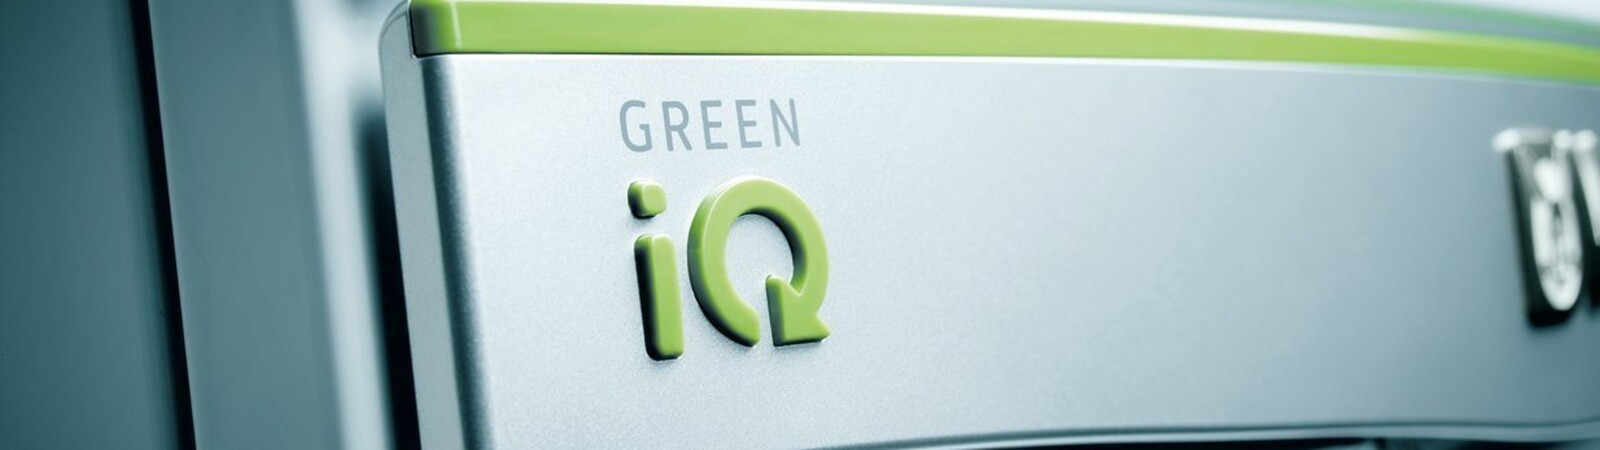 Green iQ Produkt von Vaillant